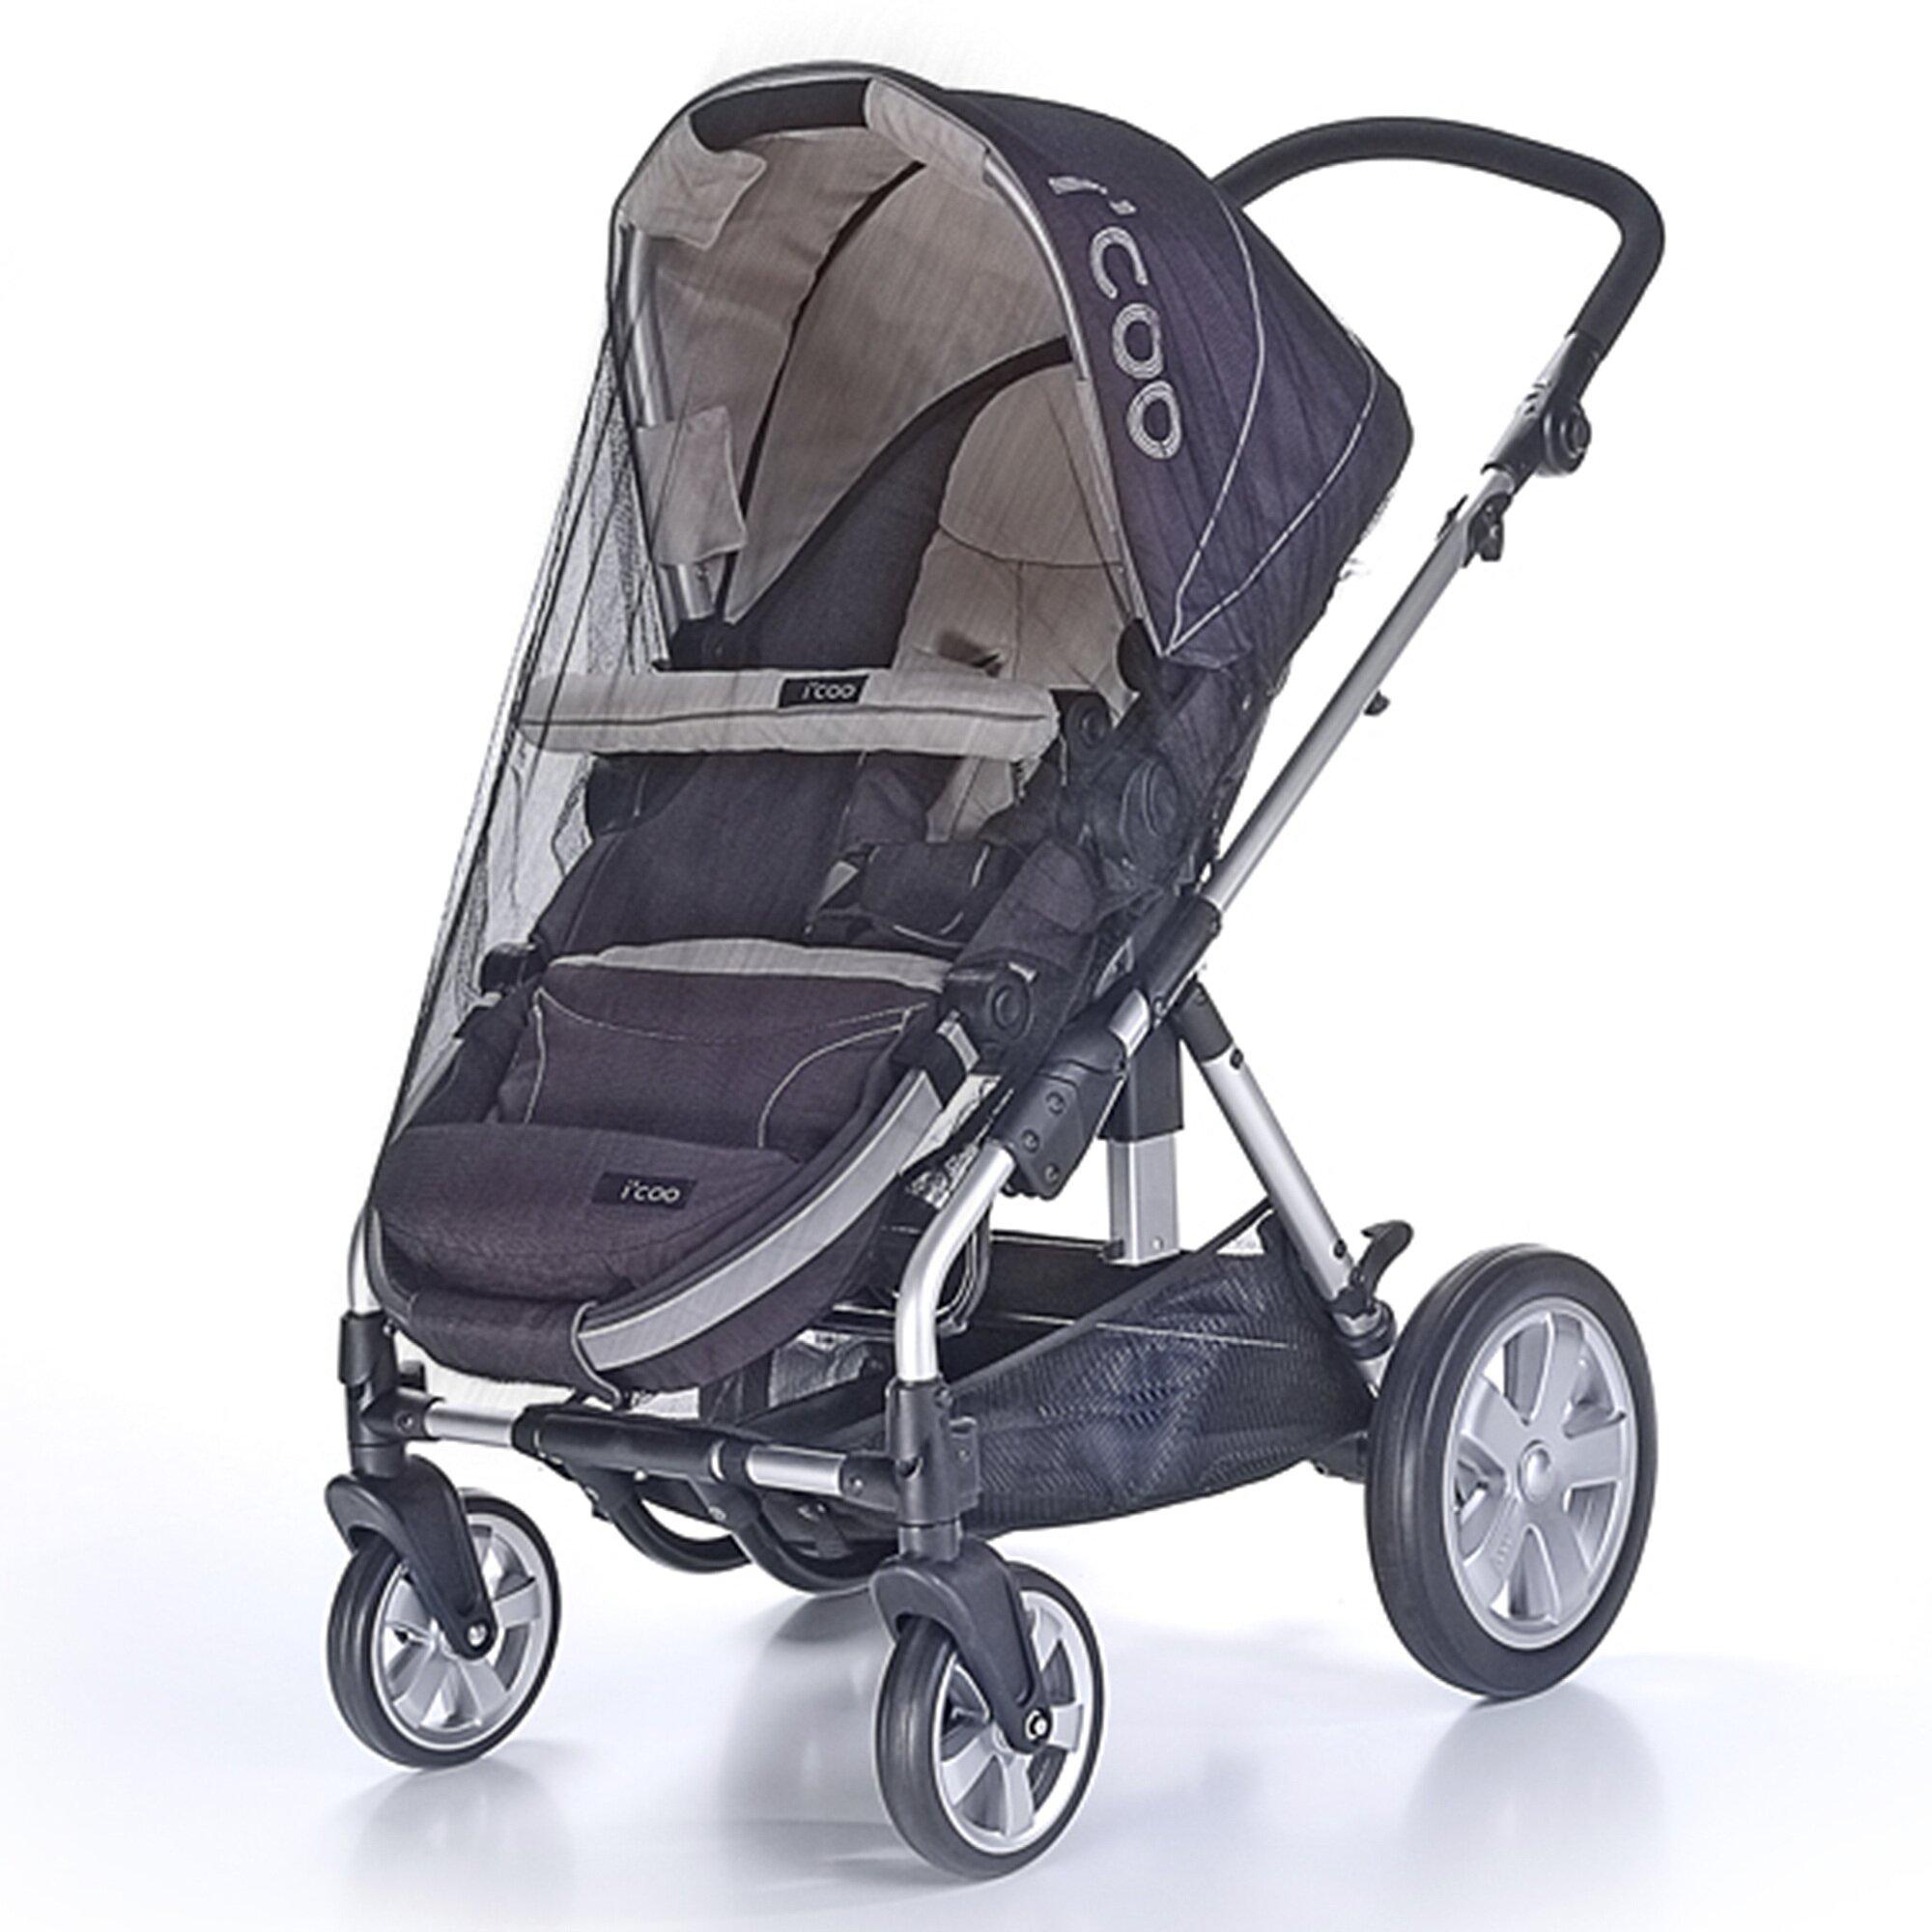 Reer Universal-Insektenschutz 3-in-1 für Babyschale, Reisebett und Kinderwagen